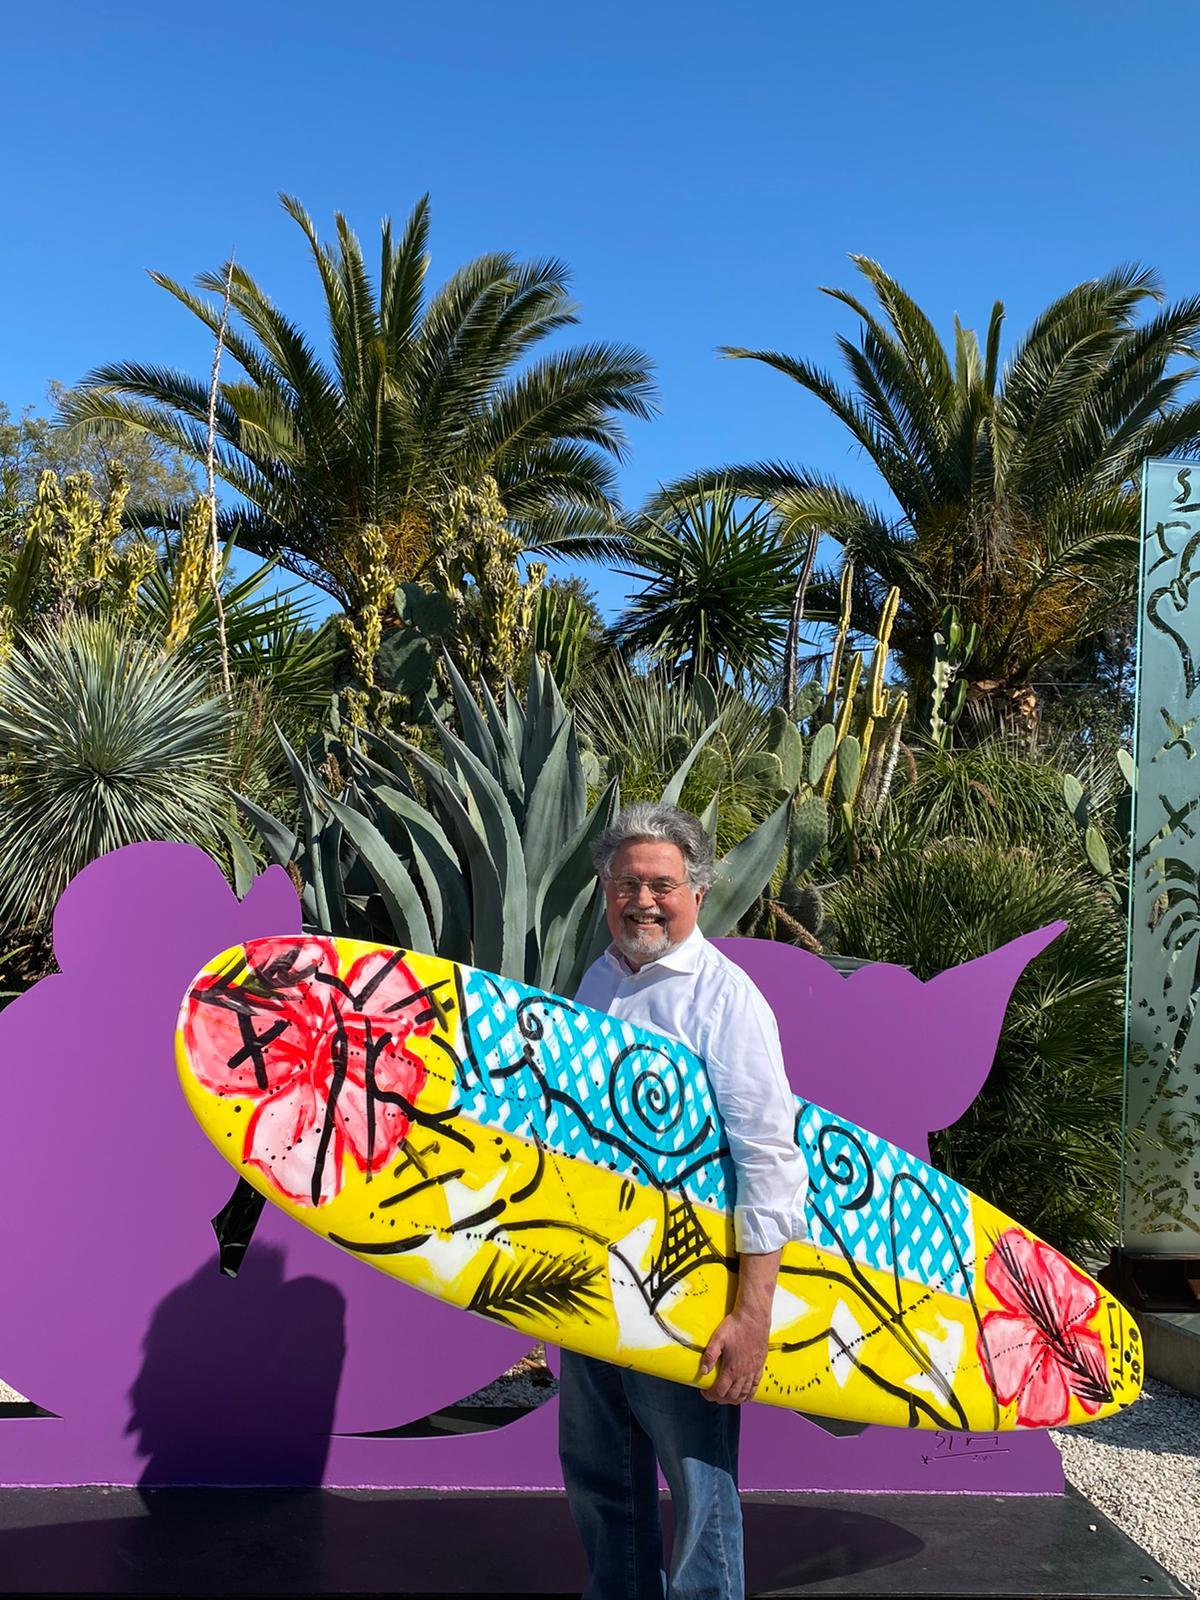 Stefan Szczesny Surfboard | Surfboard by Stefan Szczesny | 2020 | Surfboard Art | buy online | Szczesny Art Shop